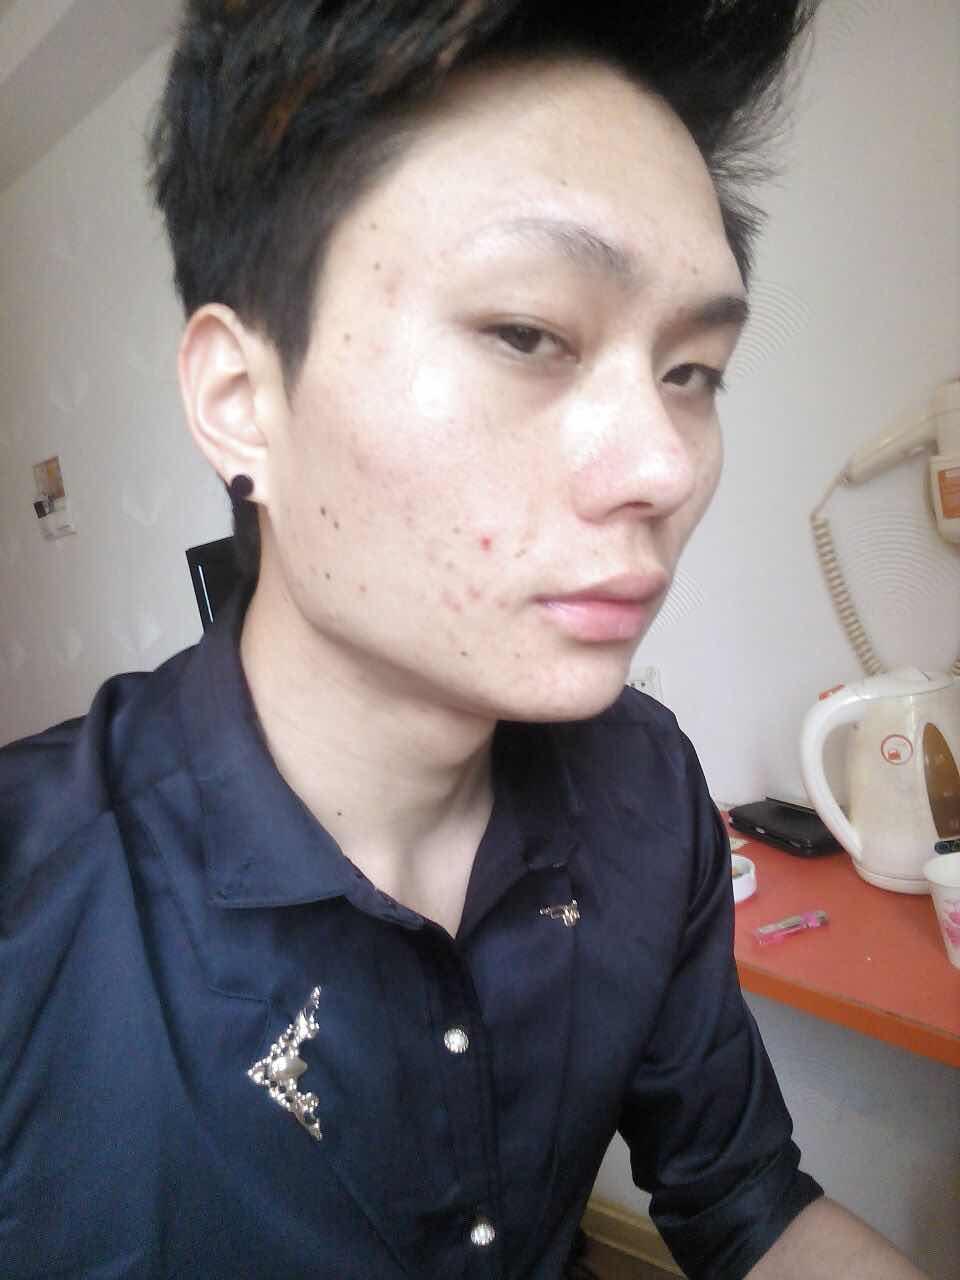 敏感性皮肤怎么修复,不知道要怎么整才好,做个果酸换肤,一个疗程,痘痘也没有好,毛孔弄的比以前更大了。